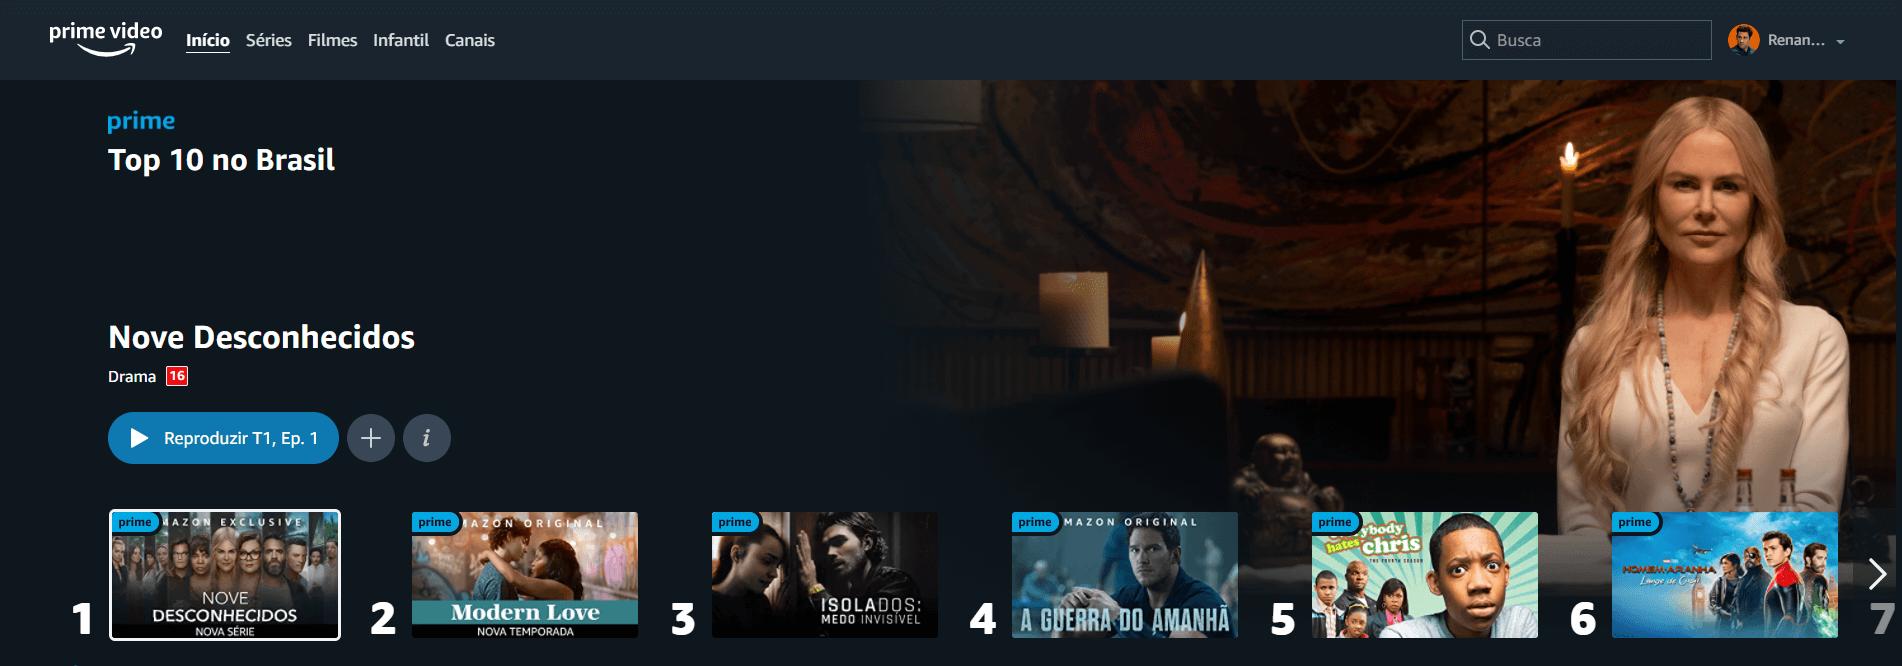 O ranking do Amazon Prime Video nesta segunda, 30 (Crédito: reprodução / Amazon)